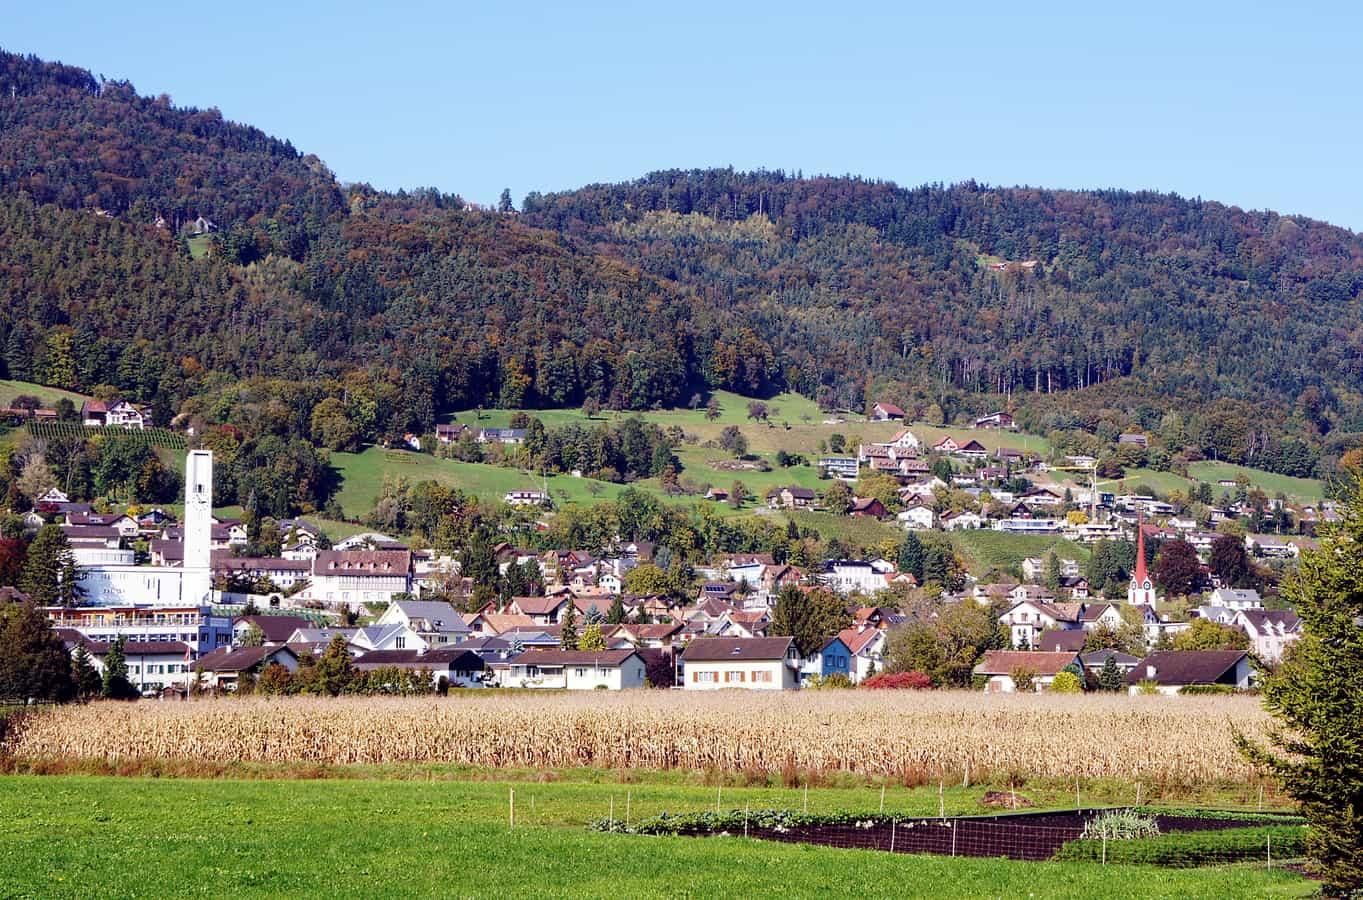 Dorf Rebstein von Süden gesehen